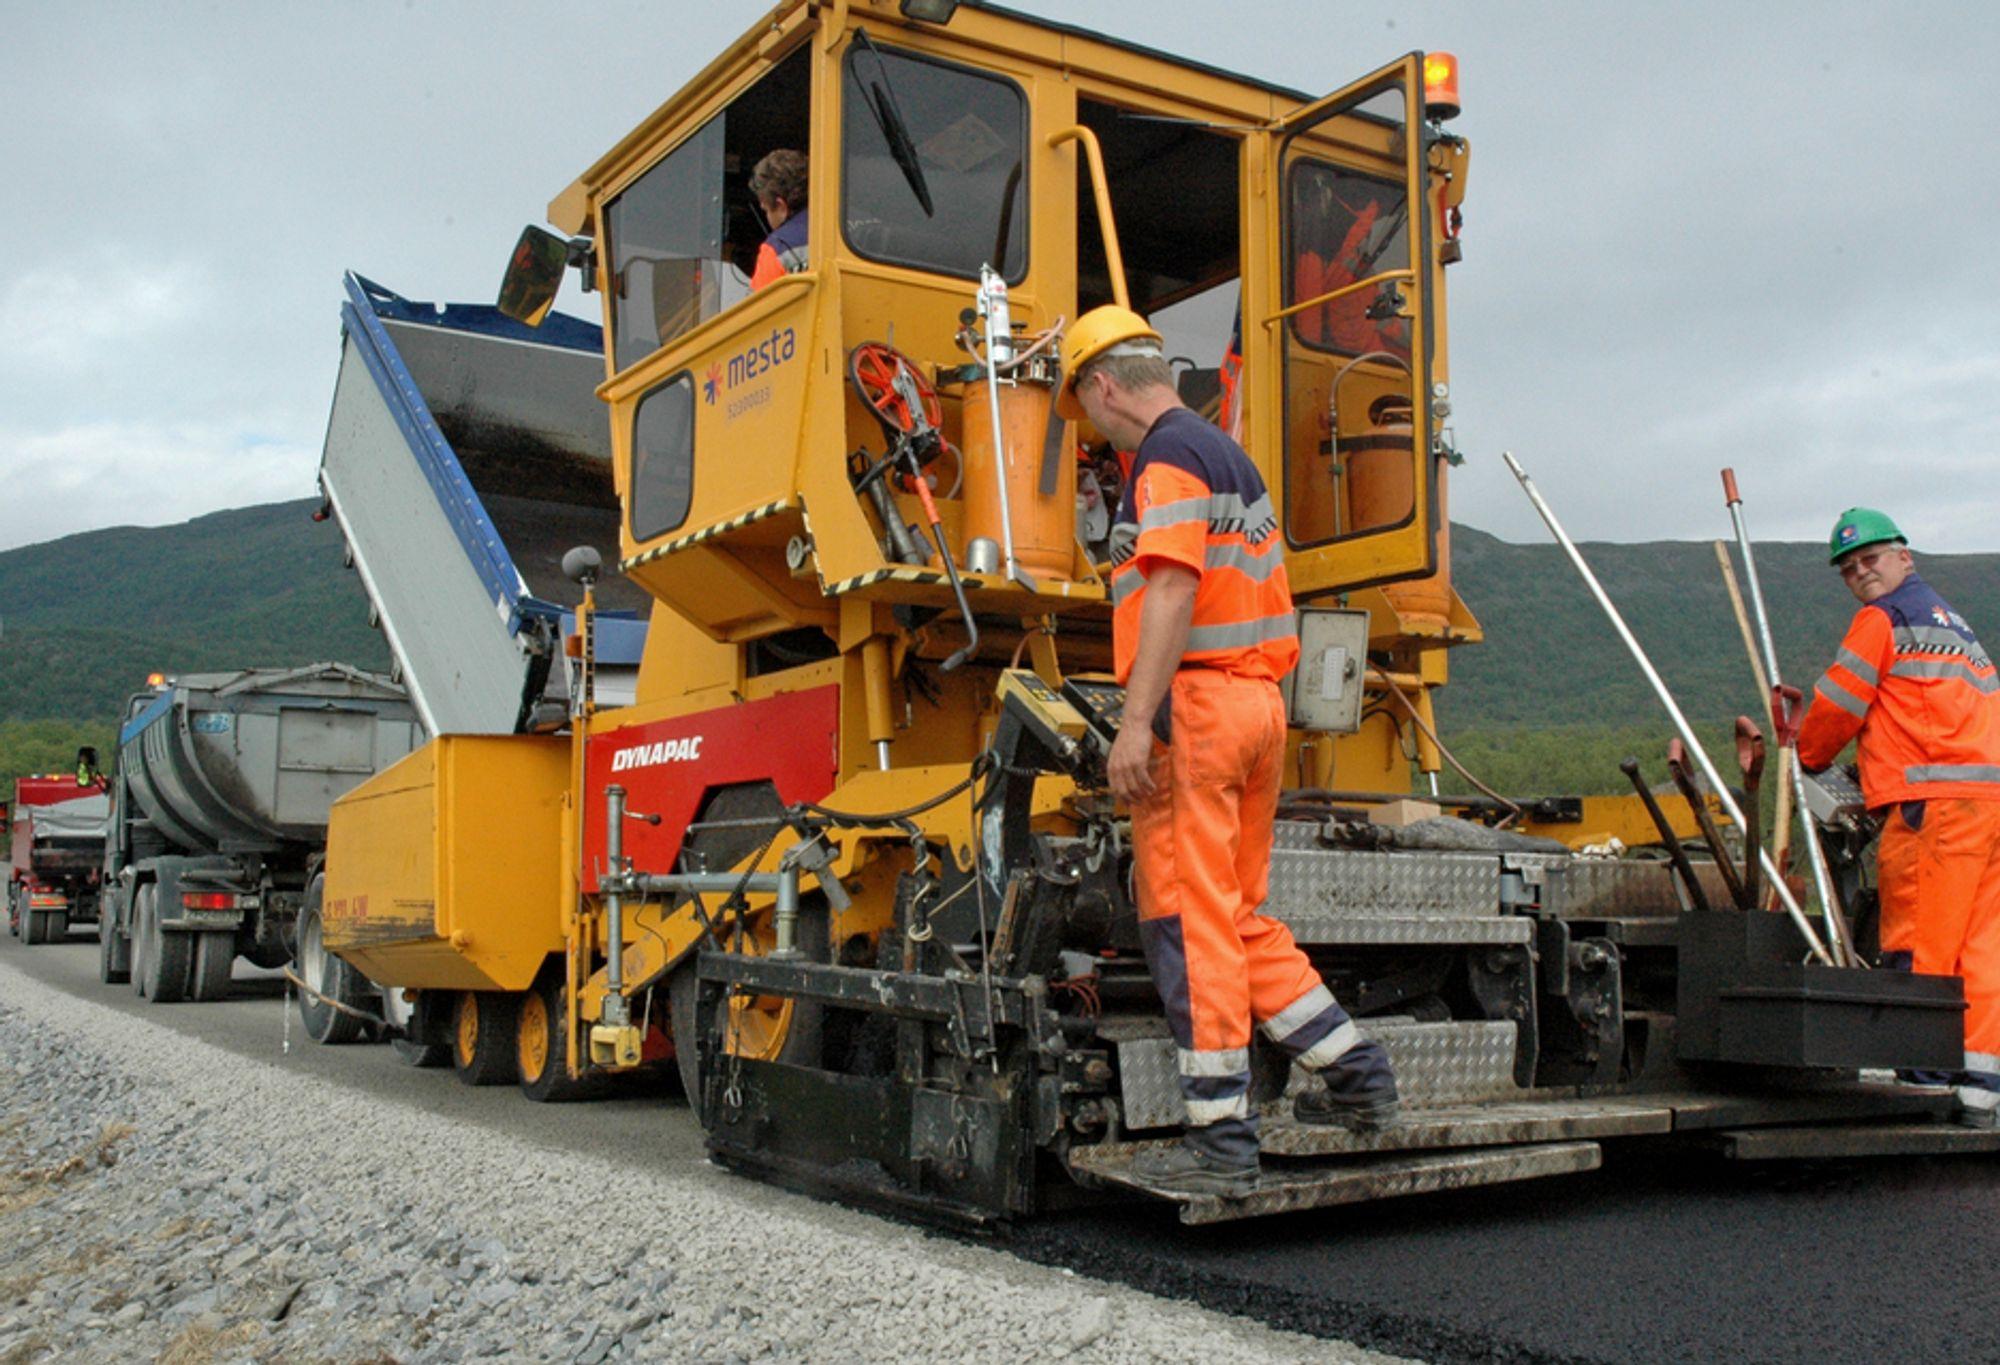 Selskapet NCC risikerer en bot på 165 millioner kroner for å ha inngått prissamarbeid med Veidekke i den såkalte asfaltsaken. Veidekke ligger an til å slippe bot. ILLUSTRASJON.